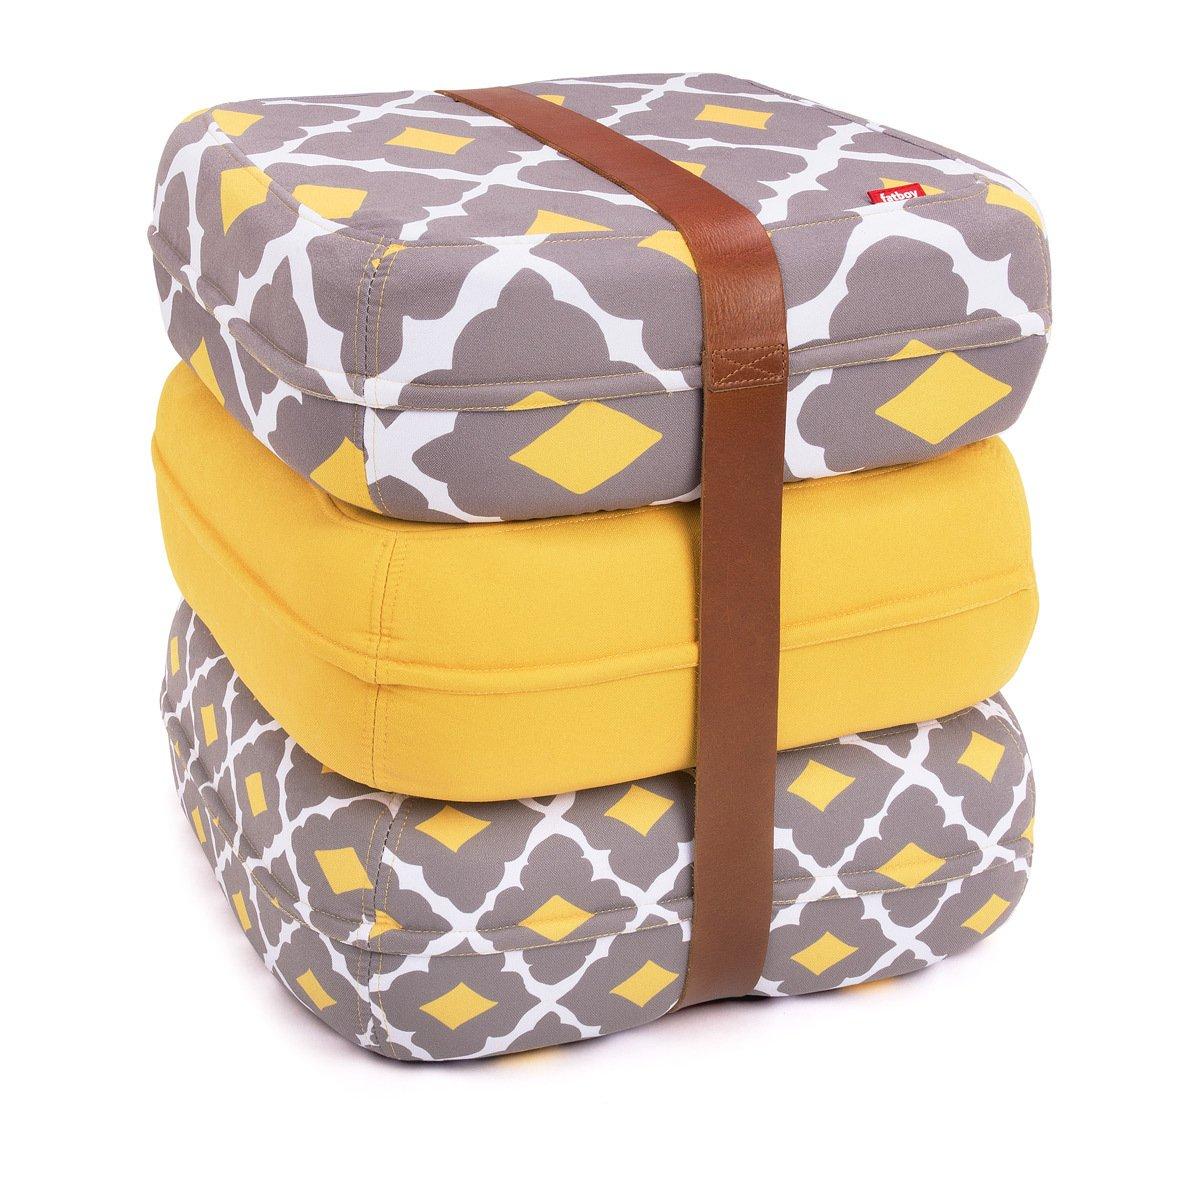 Fatboy 900.6318 Baboesjka Eusebio Amarelo - 3er Set Sitzkissen mit Ledergurt in gelb   braun